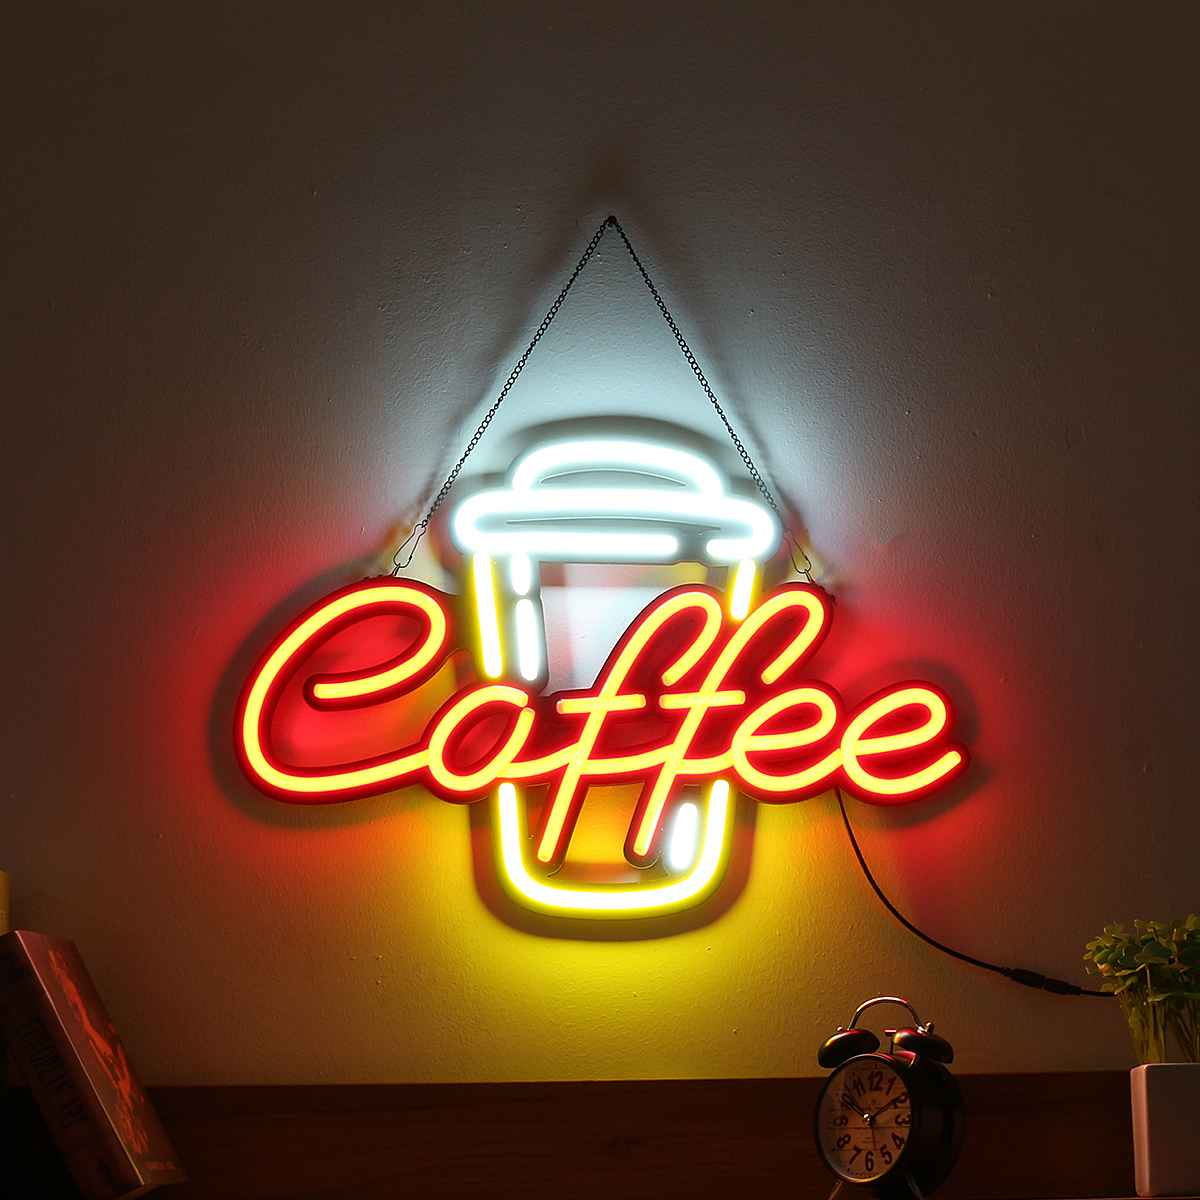 Светодиодный светлая неоновая вывеска трубка визуальное произведение искусства кофе бар клуб КТВ настенные украшения коммерческое освеще